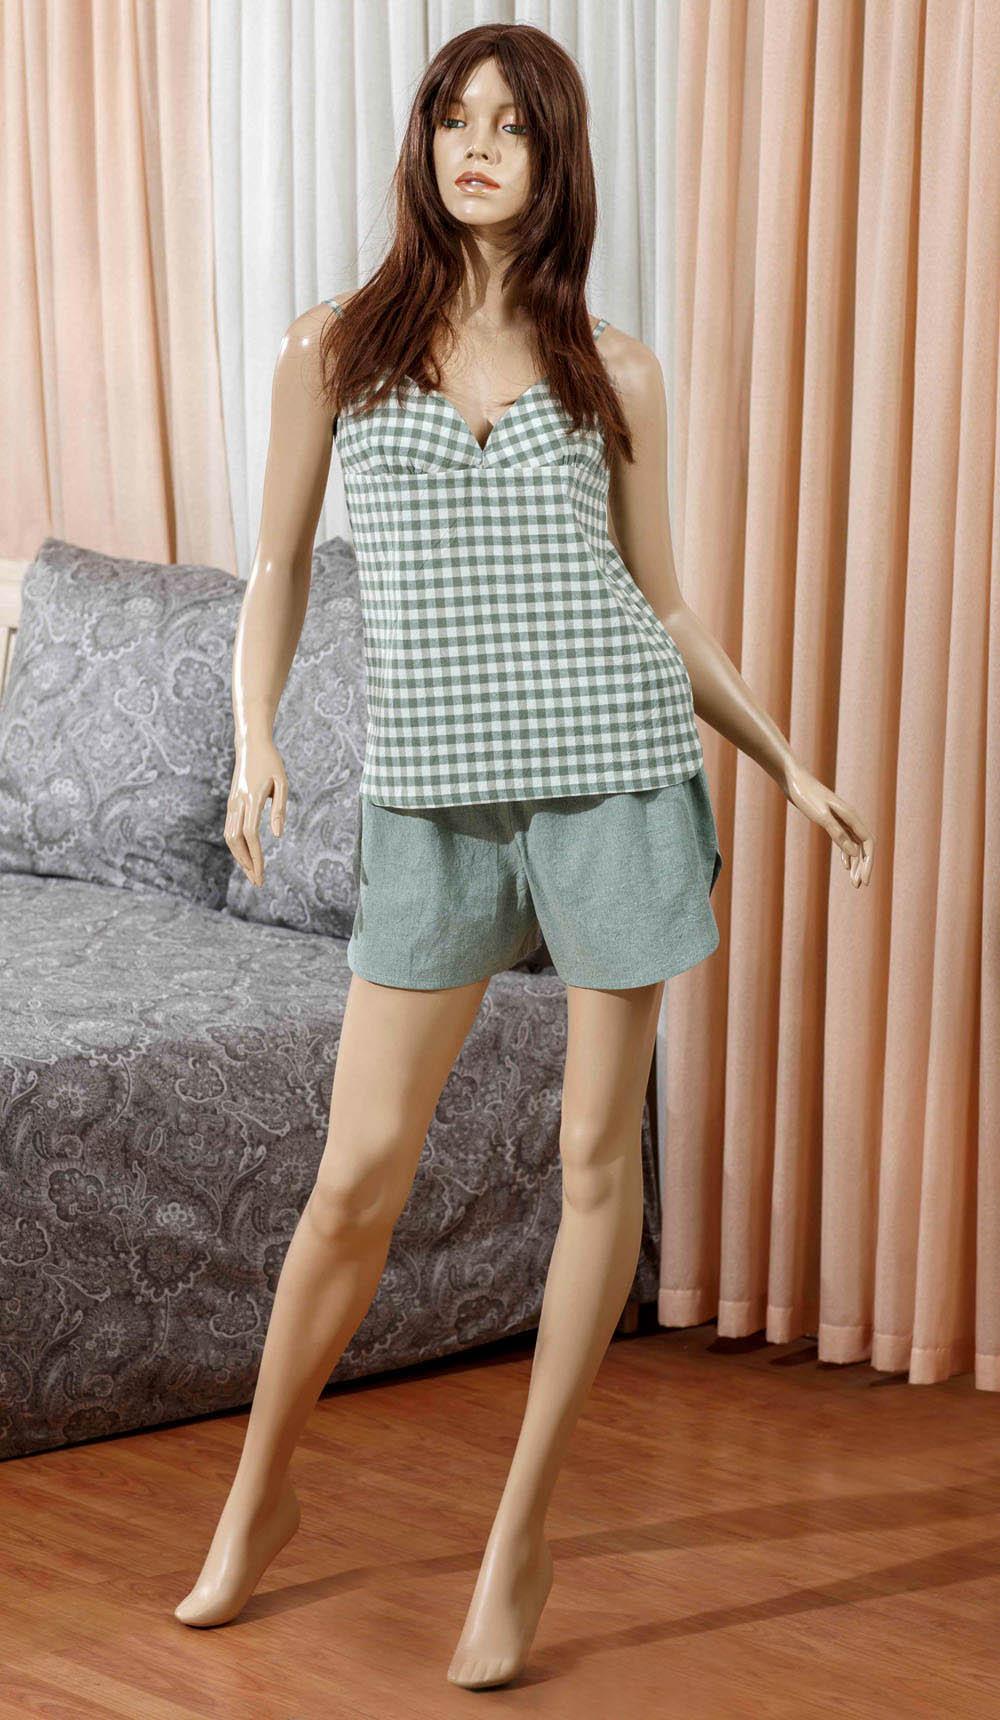 Брюки Primavelle Одежда для дома Vera Цвет: Зеленый (L-xL) лен одежда купить